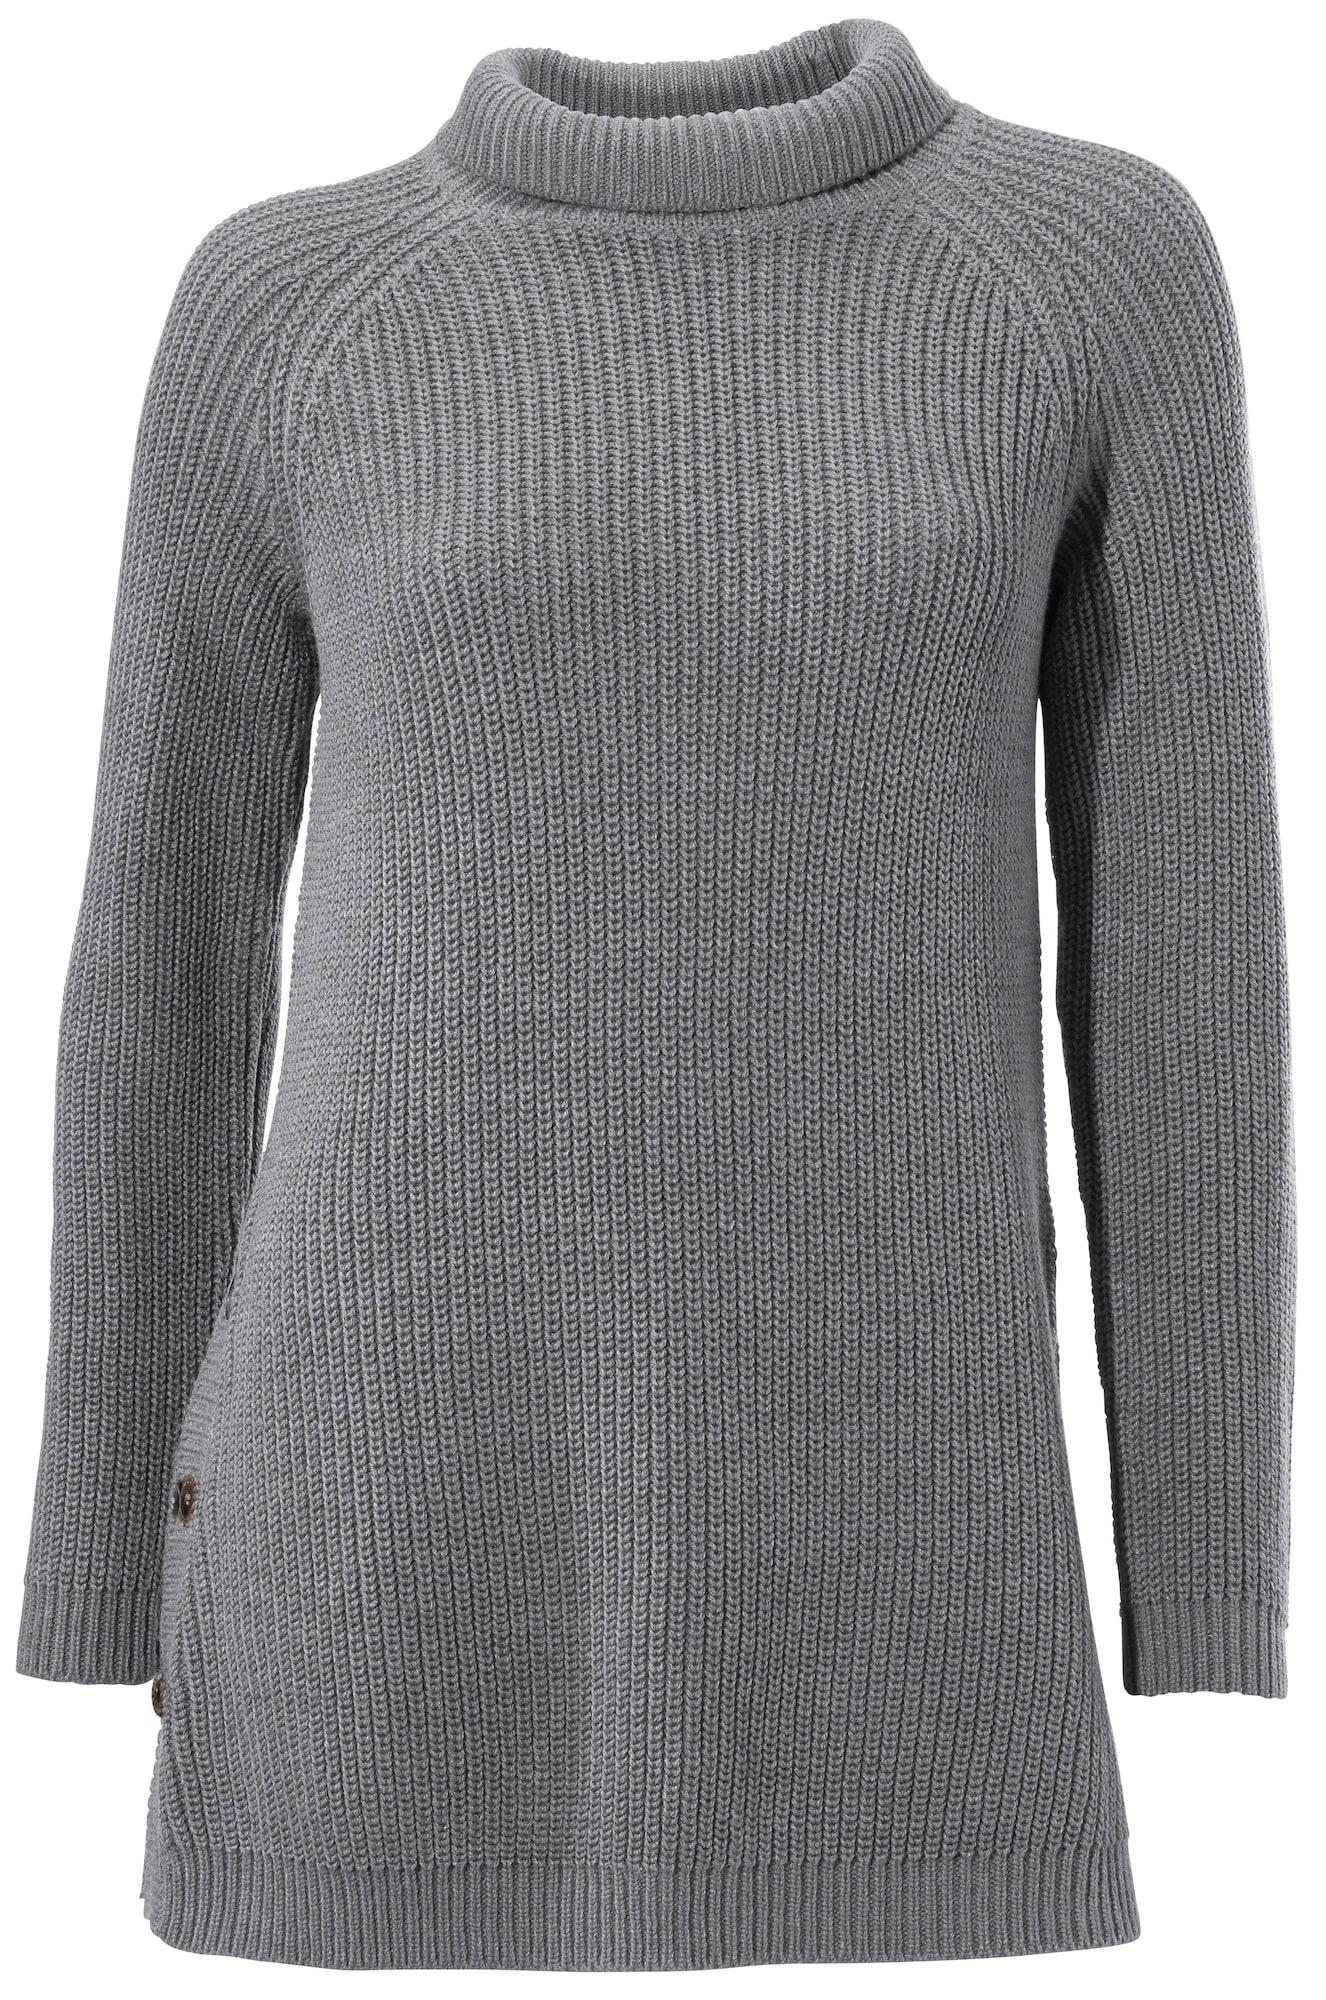 Stehkragenpullover | Bekleidung > Pullover > Stehkragenpullover | Grau | heine